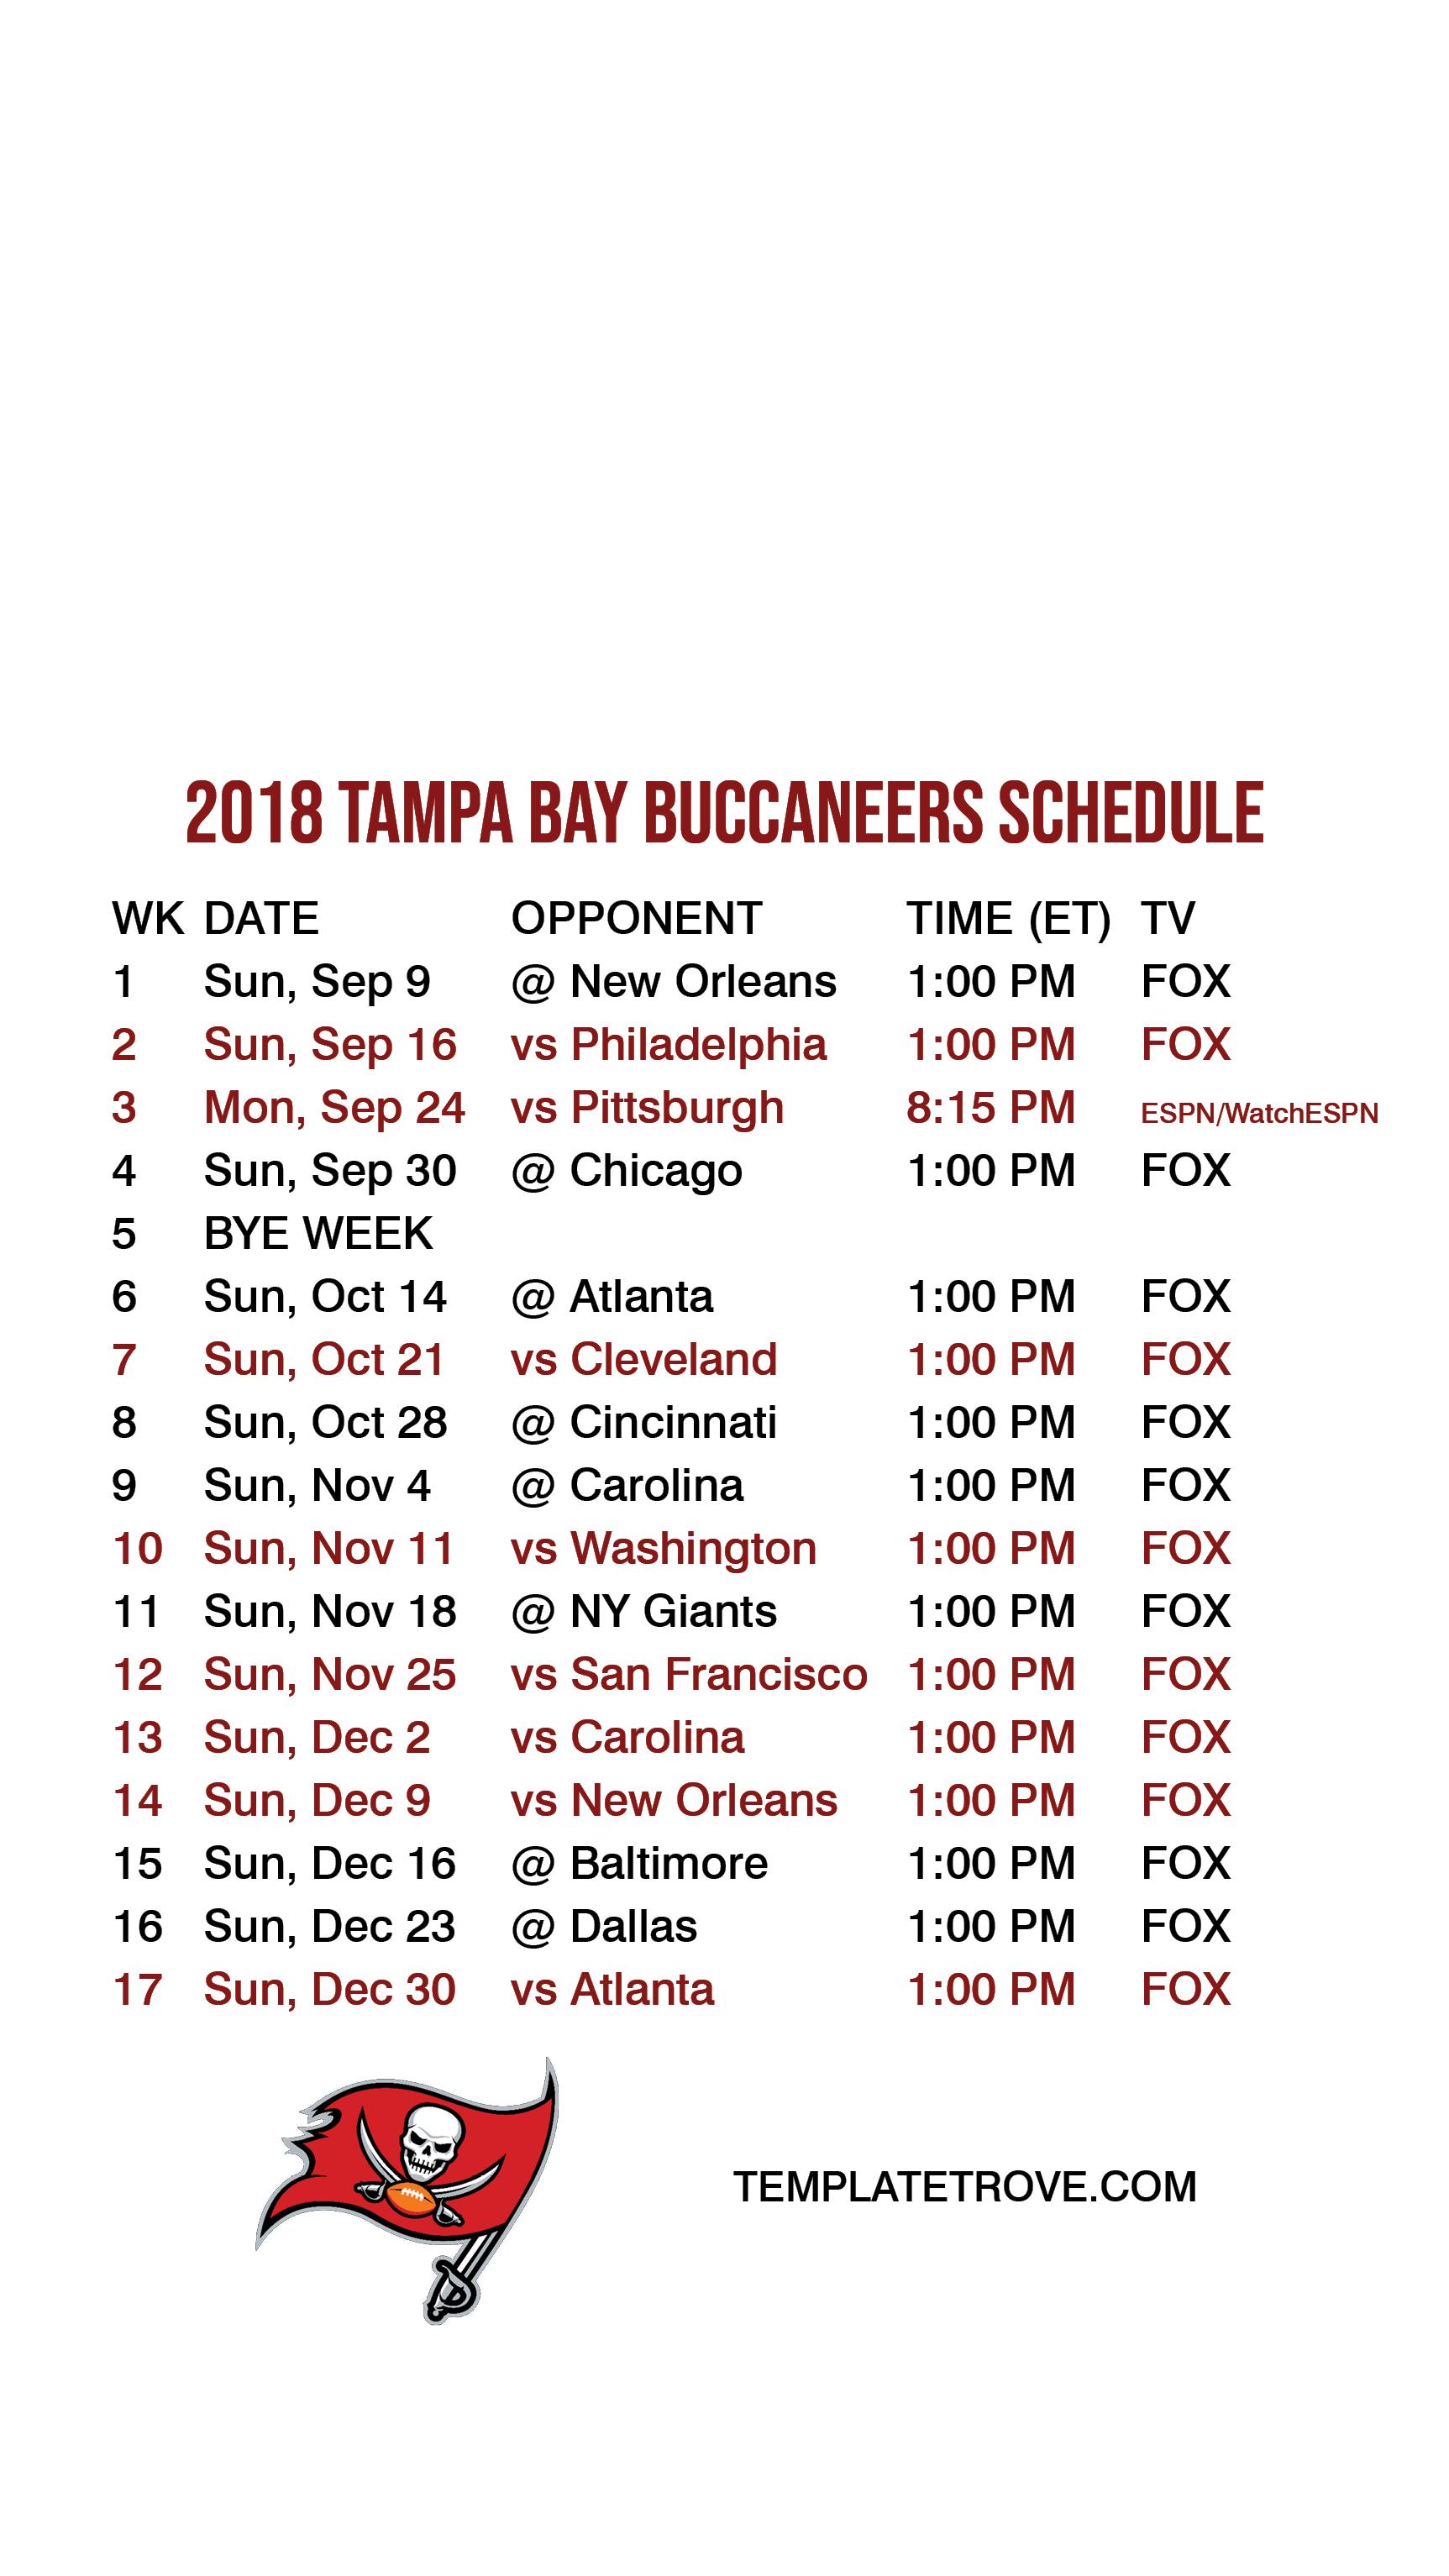 2018 2019 tampa bay buccaneers lock screen schedule for iphone 6 7 8 plus 2018 2019 tampa bay buccaneers lock